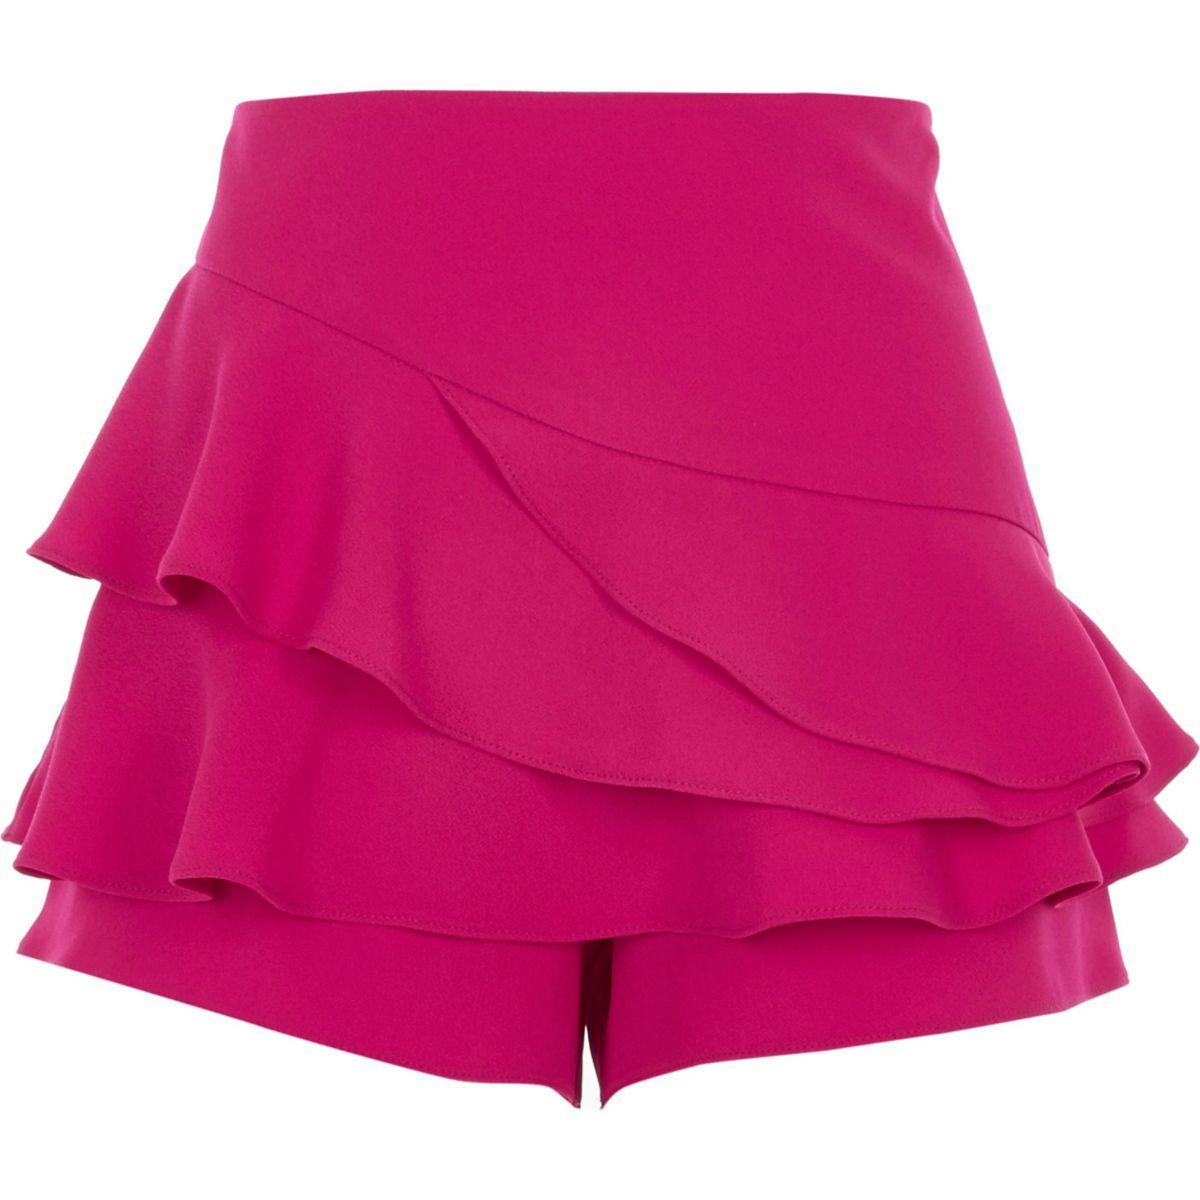 Pinker Hosenrock mit Rüschen